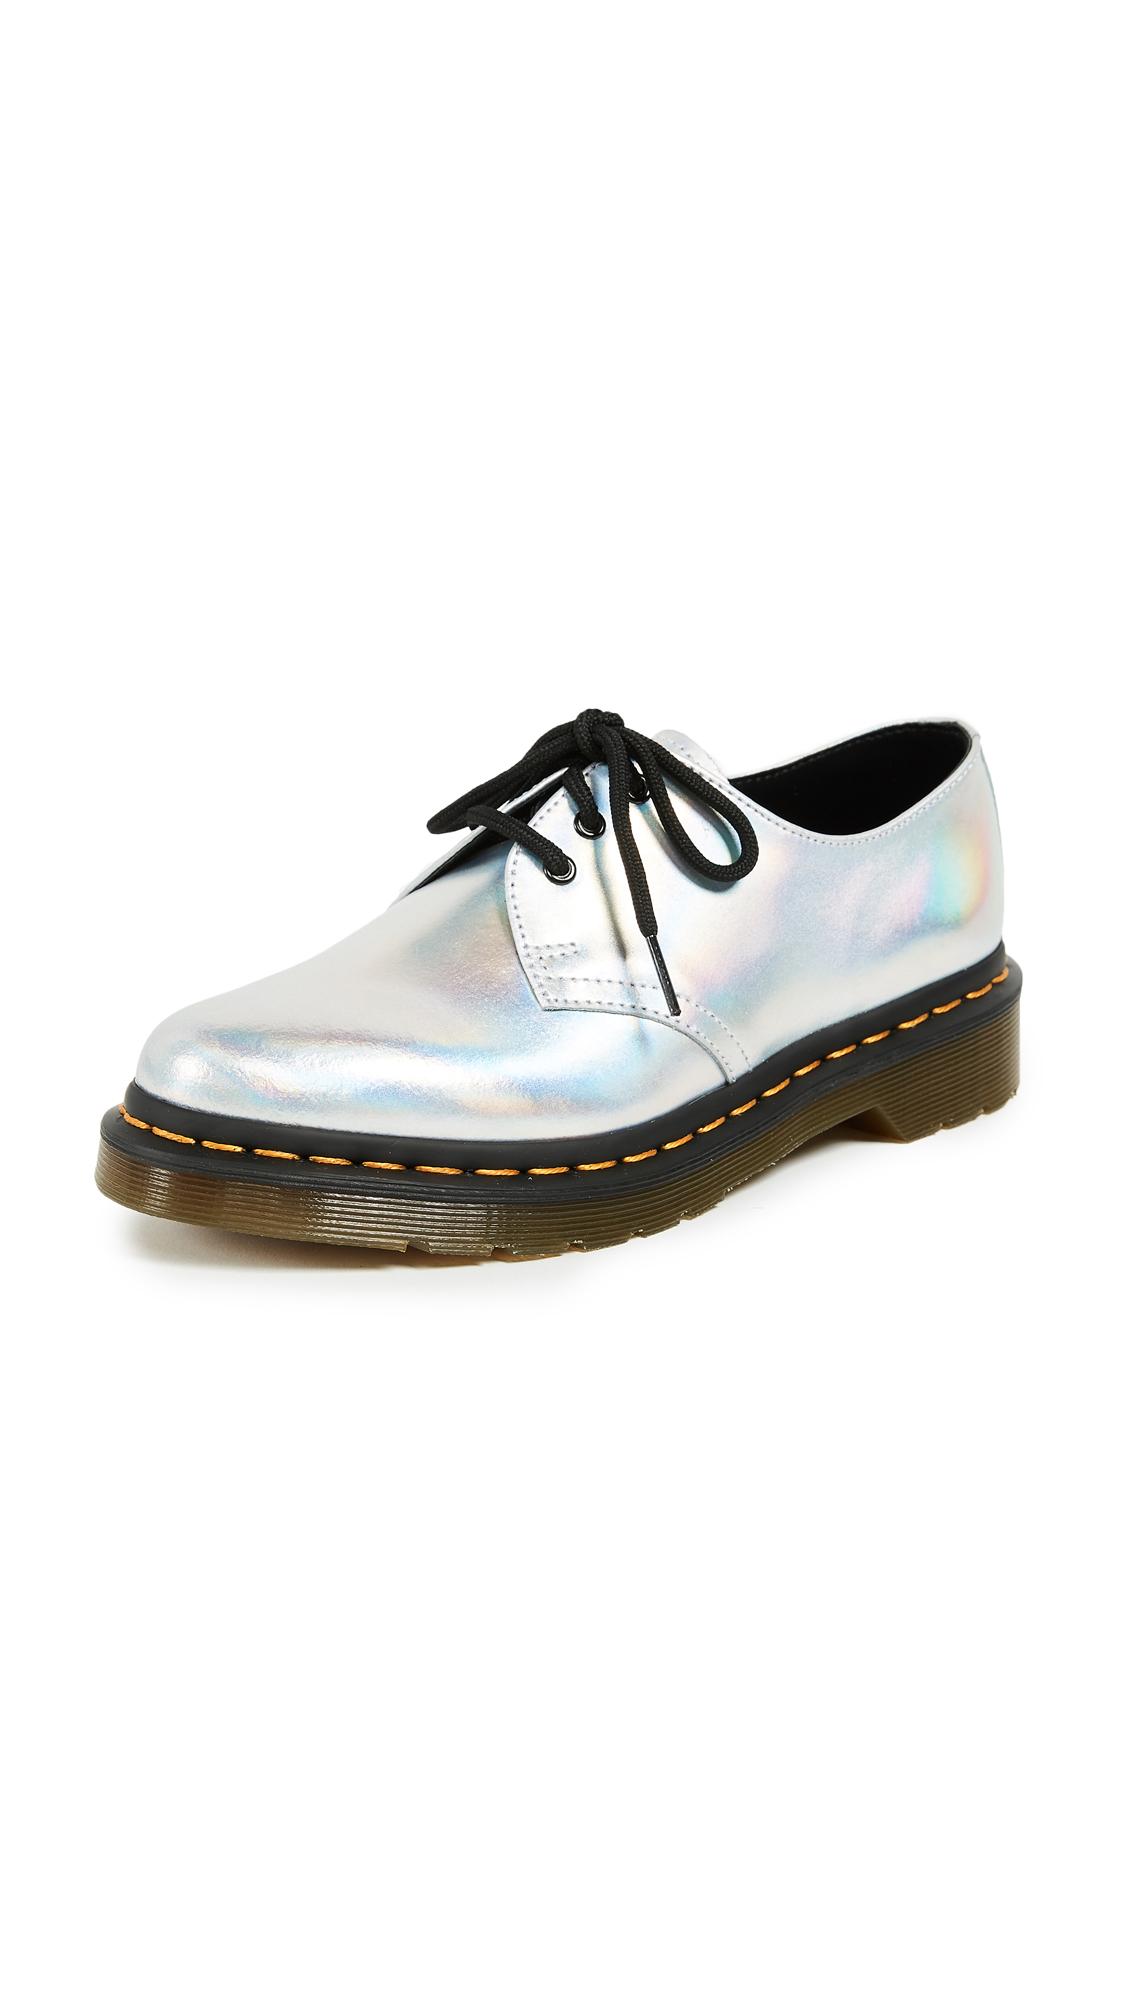 Dr. Martens 1461 IM Shoes - Silver Laser